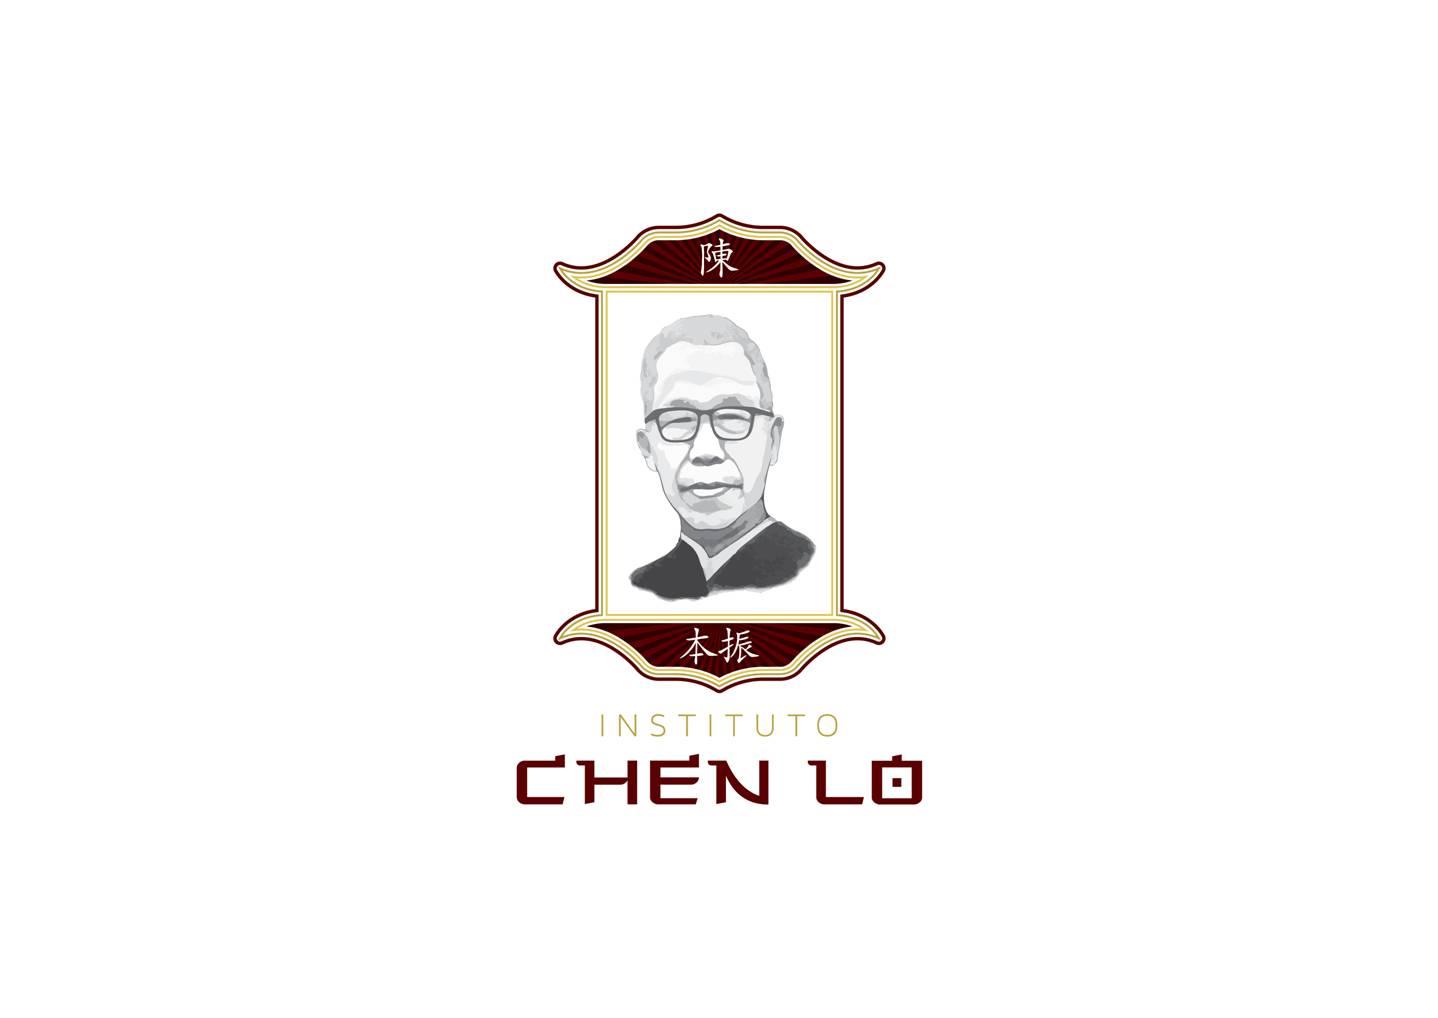 Instituto Chen Lo